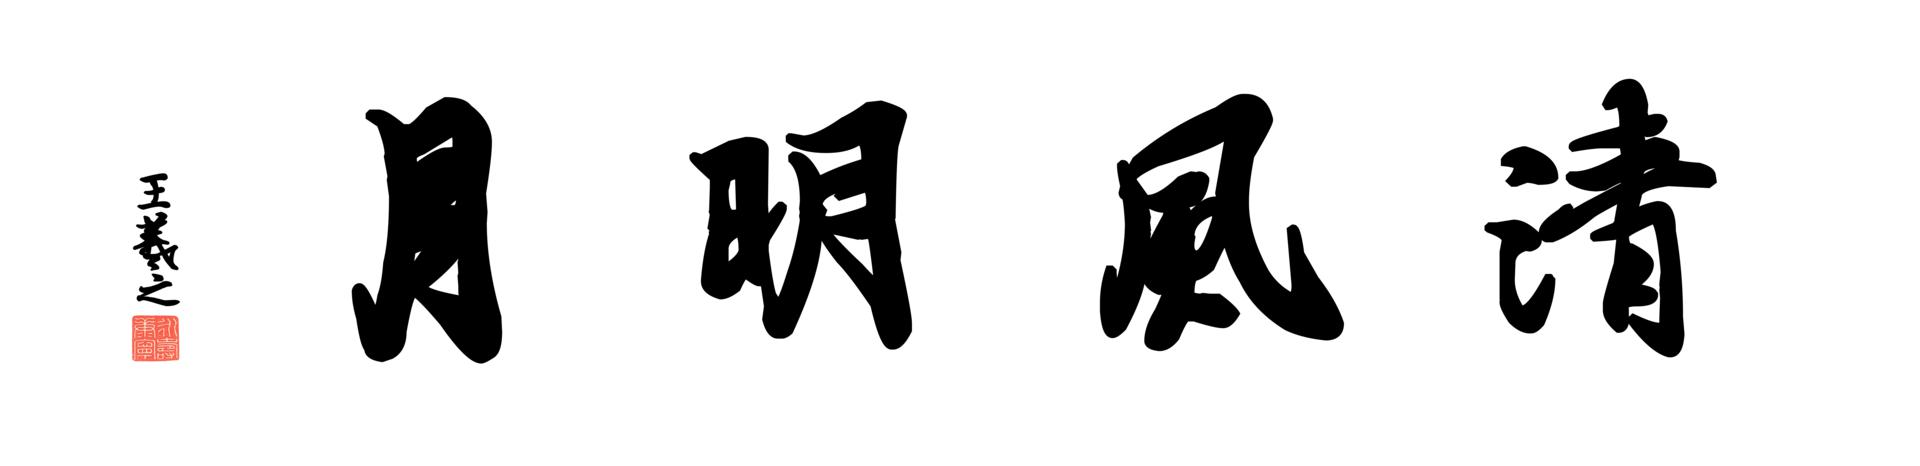 0138_王羲之兰亭体数字书法-四字横幅清风明月136x33cm_21417x5197PX_TIF_400DPI_326_0